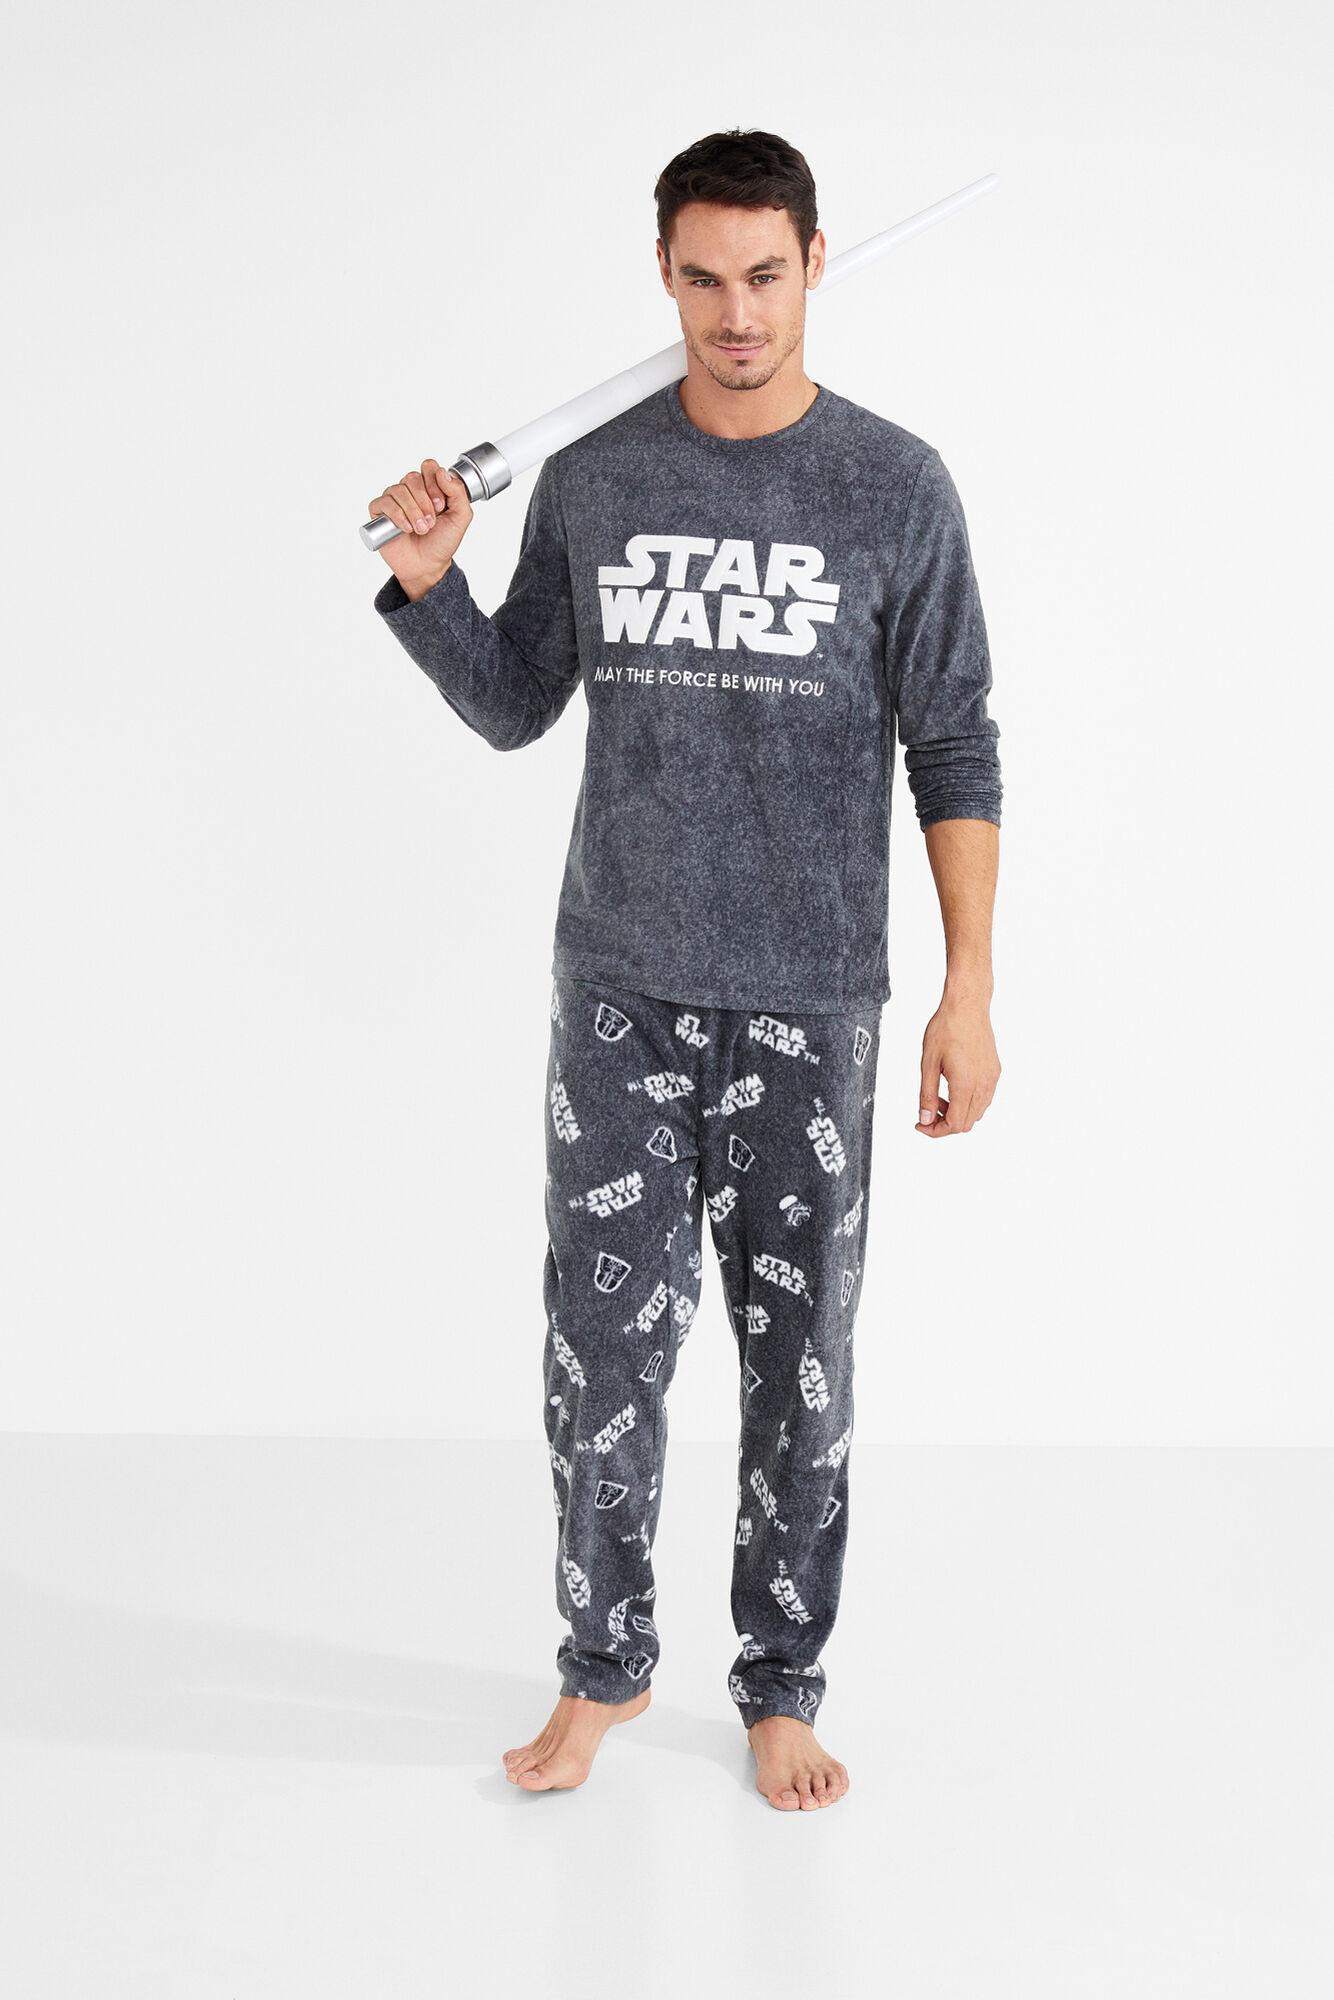 2d27ea5b4a Pijama largo Star Wars para hombre